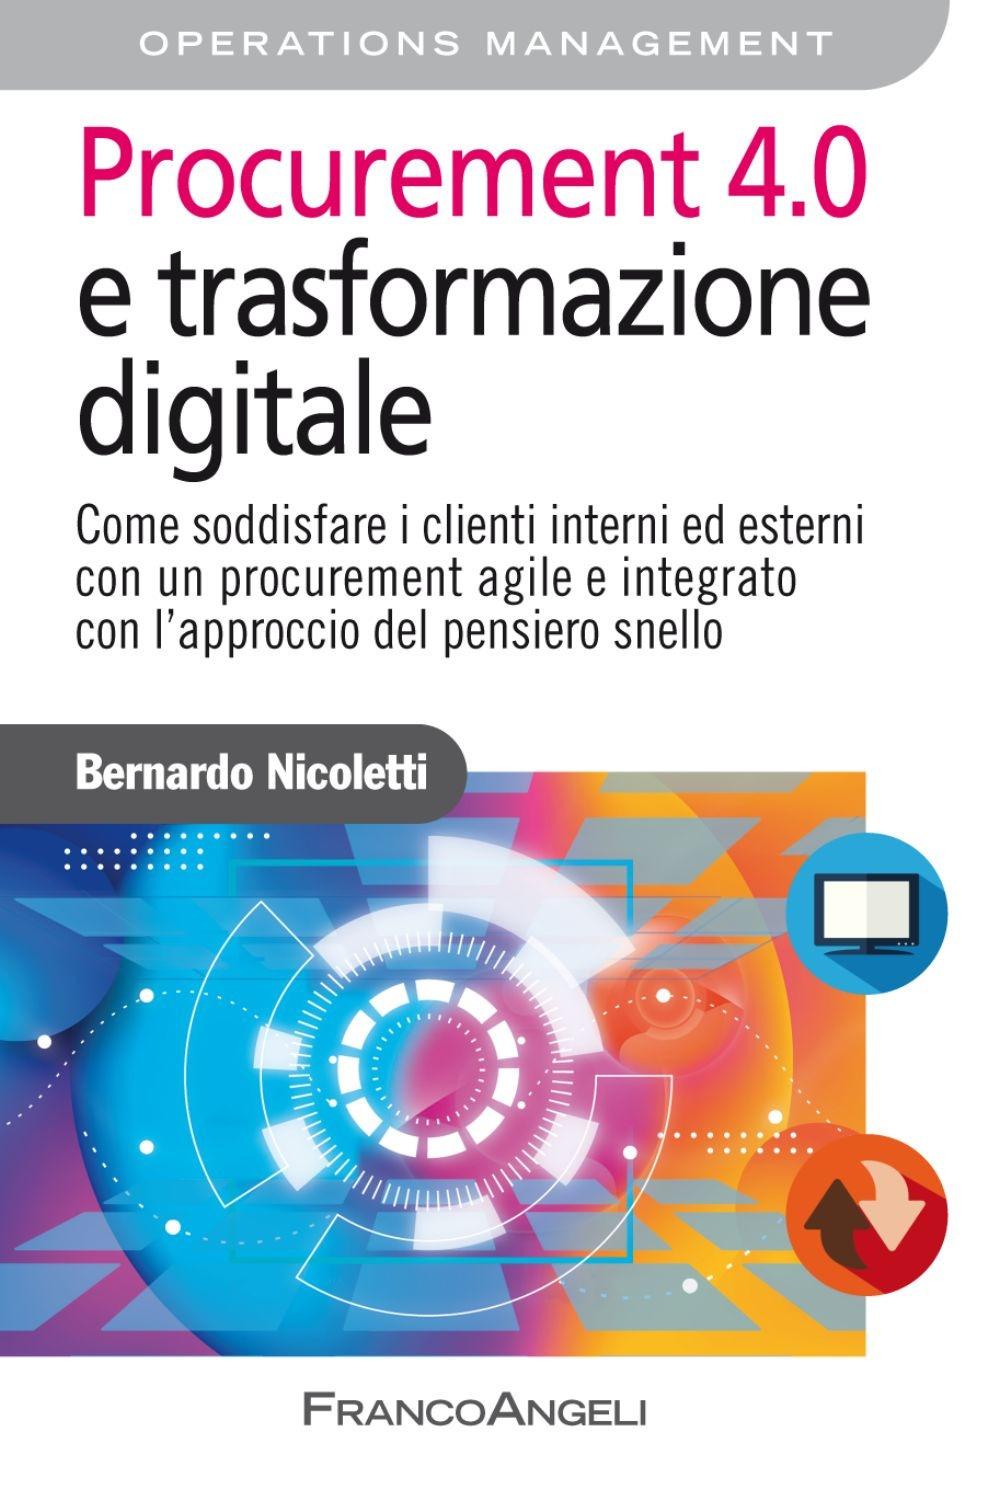 Procurement 4.0 e trasformazione digitale. Come soddisfare i clienti interni ed esterni con un procurement agile e integrato con l'approccio del pensiero snello